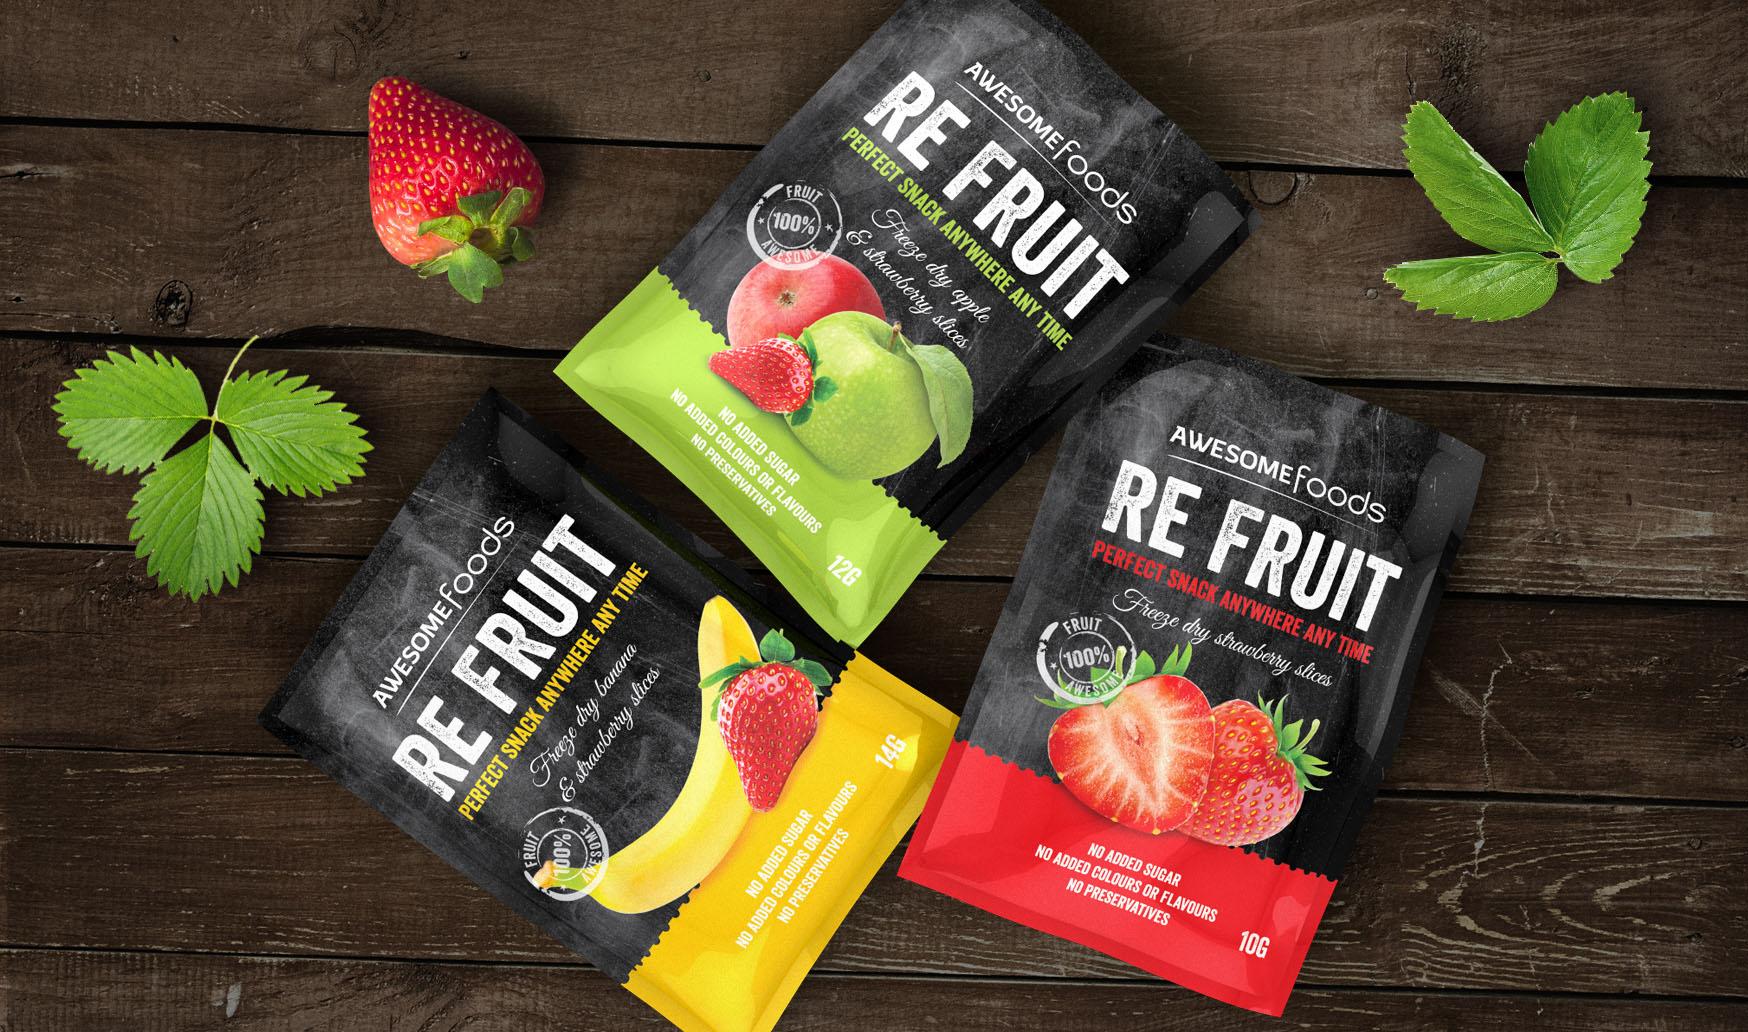 re-fruit-projekt-opakowania-opakowan-etykiety-studio-graficzne-pictoo-snack-packagiing-design